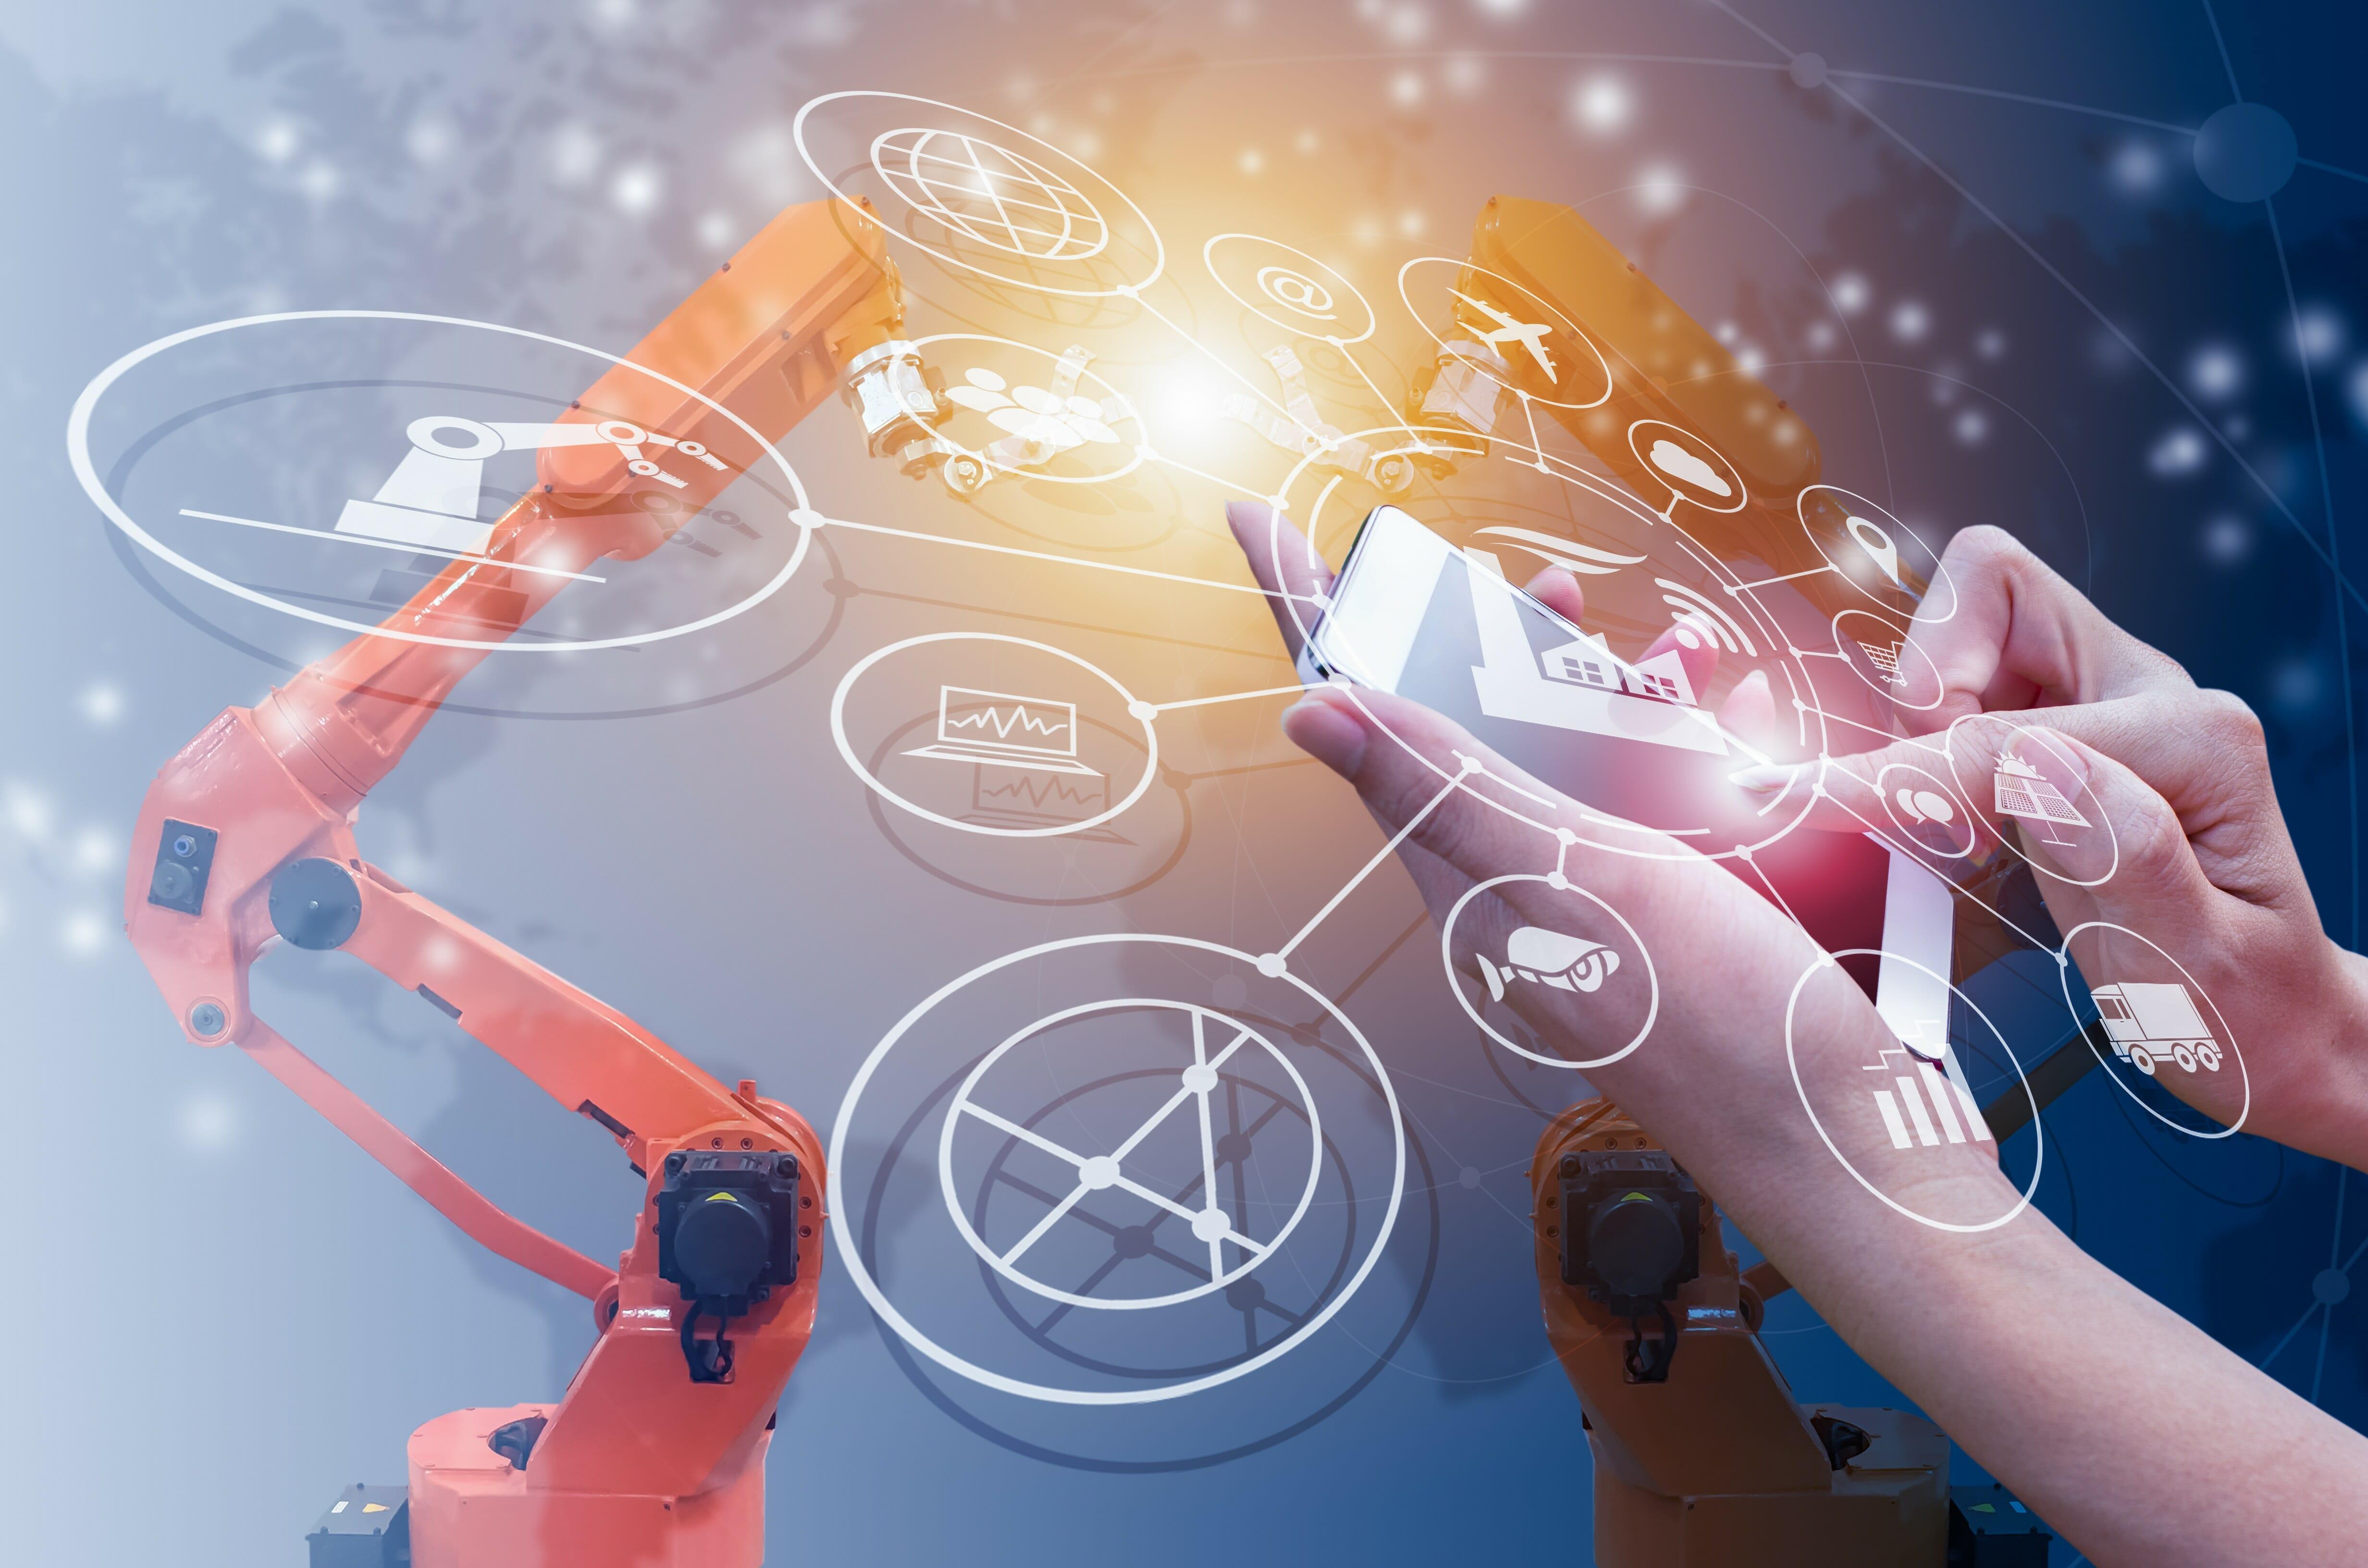 Wie ams.Solution und Bimanu die Industrie 4.0 vorantreiben wollen